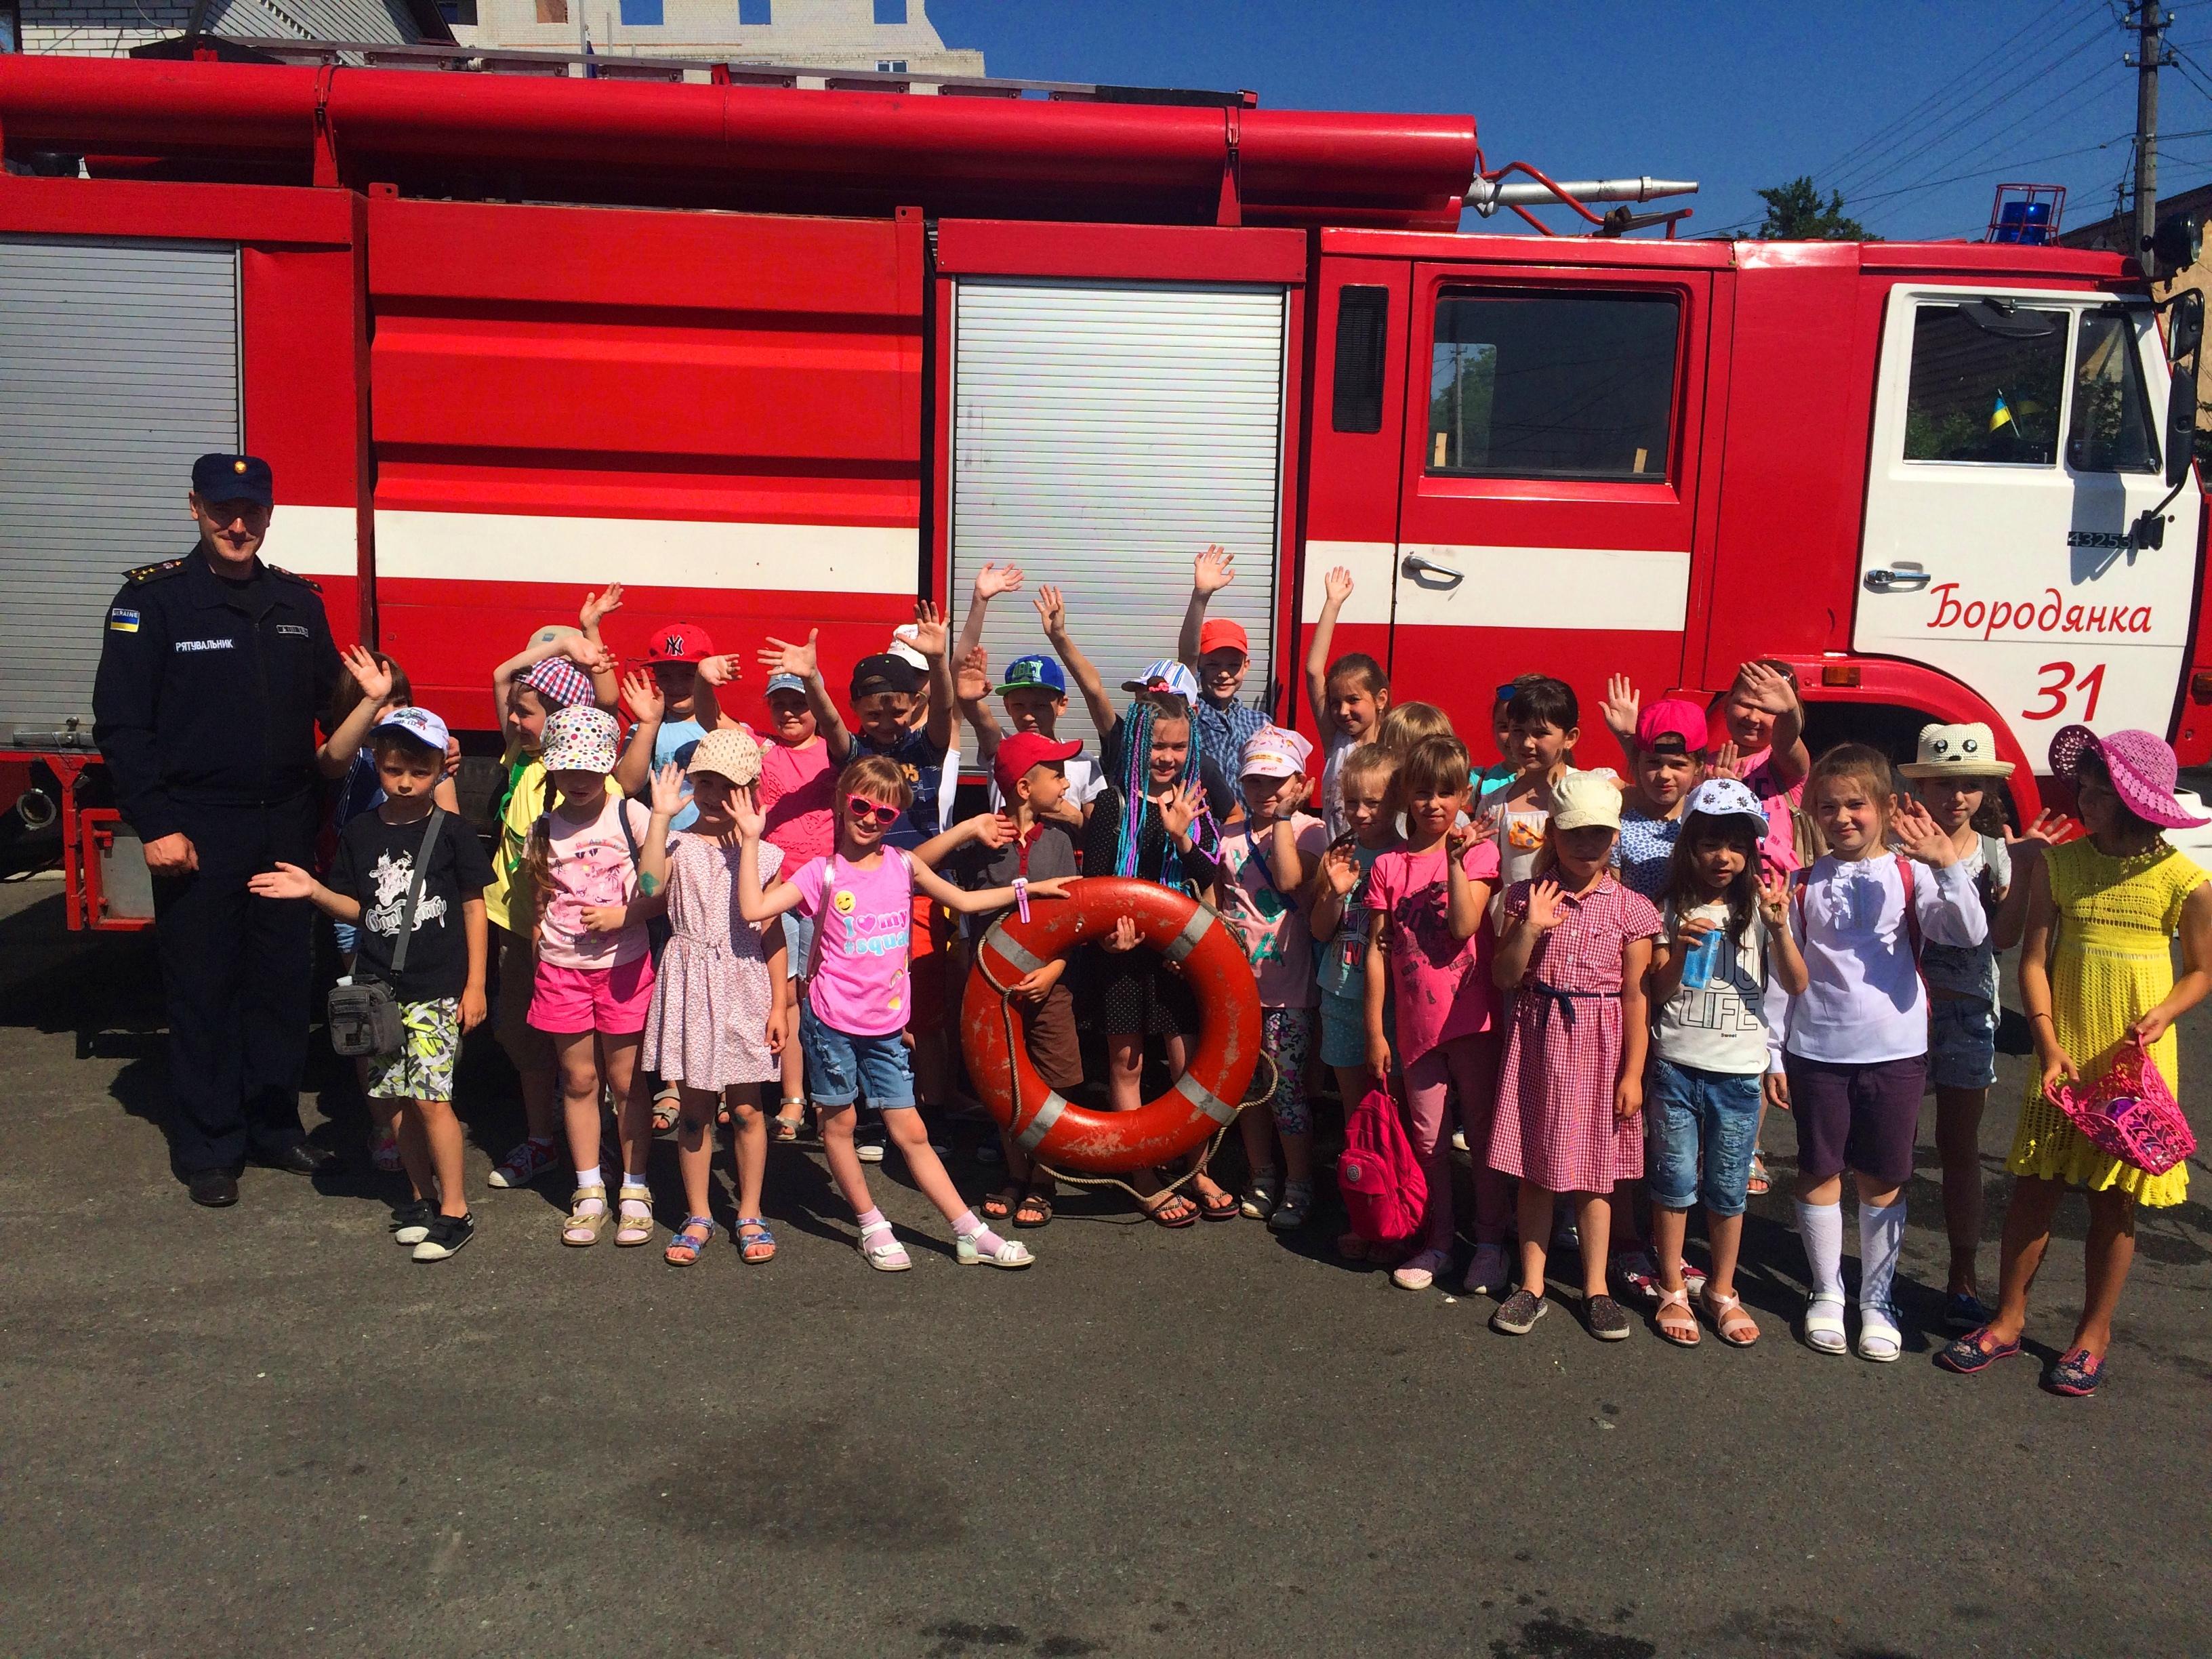 Бородянські рятувальники провели екскурсію пожежною частиною для школярів - школа, рятувальники, Діти, Бородянська РВ ГУ ДСНС - 2905 pozhezhnyky 4